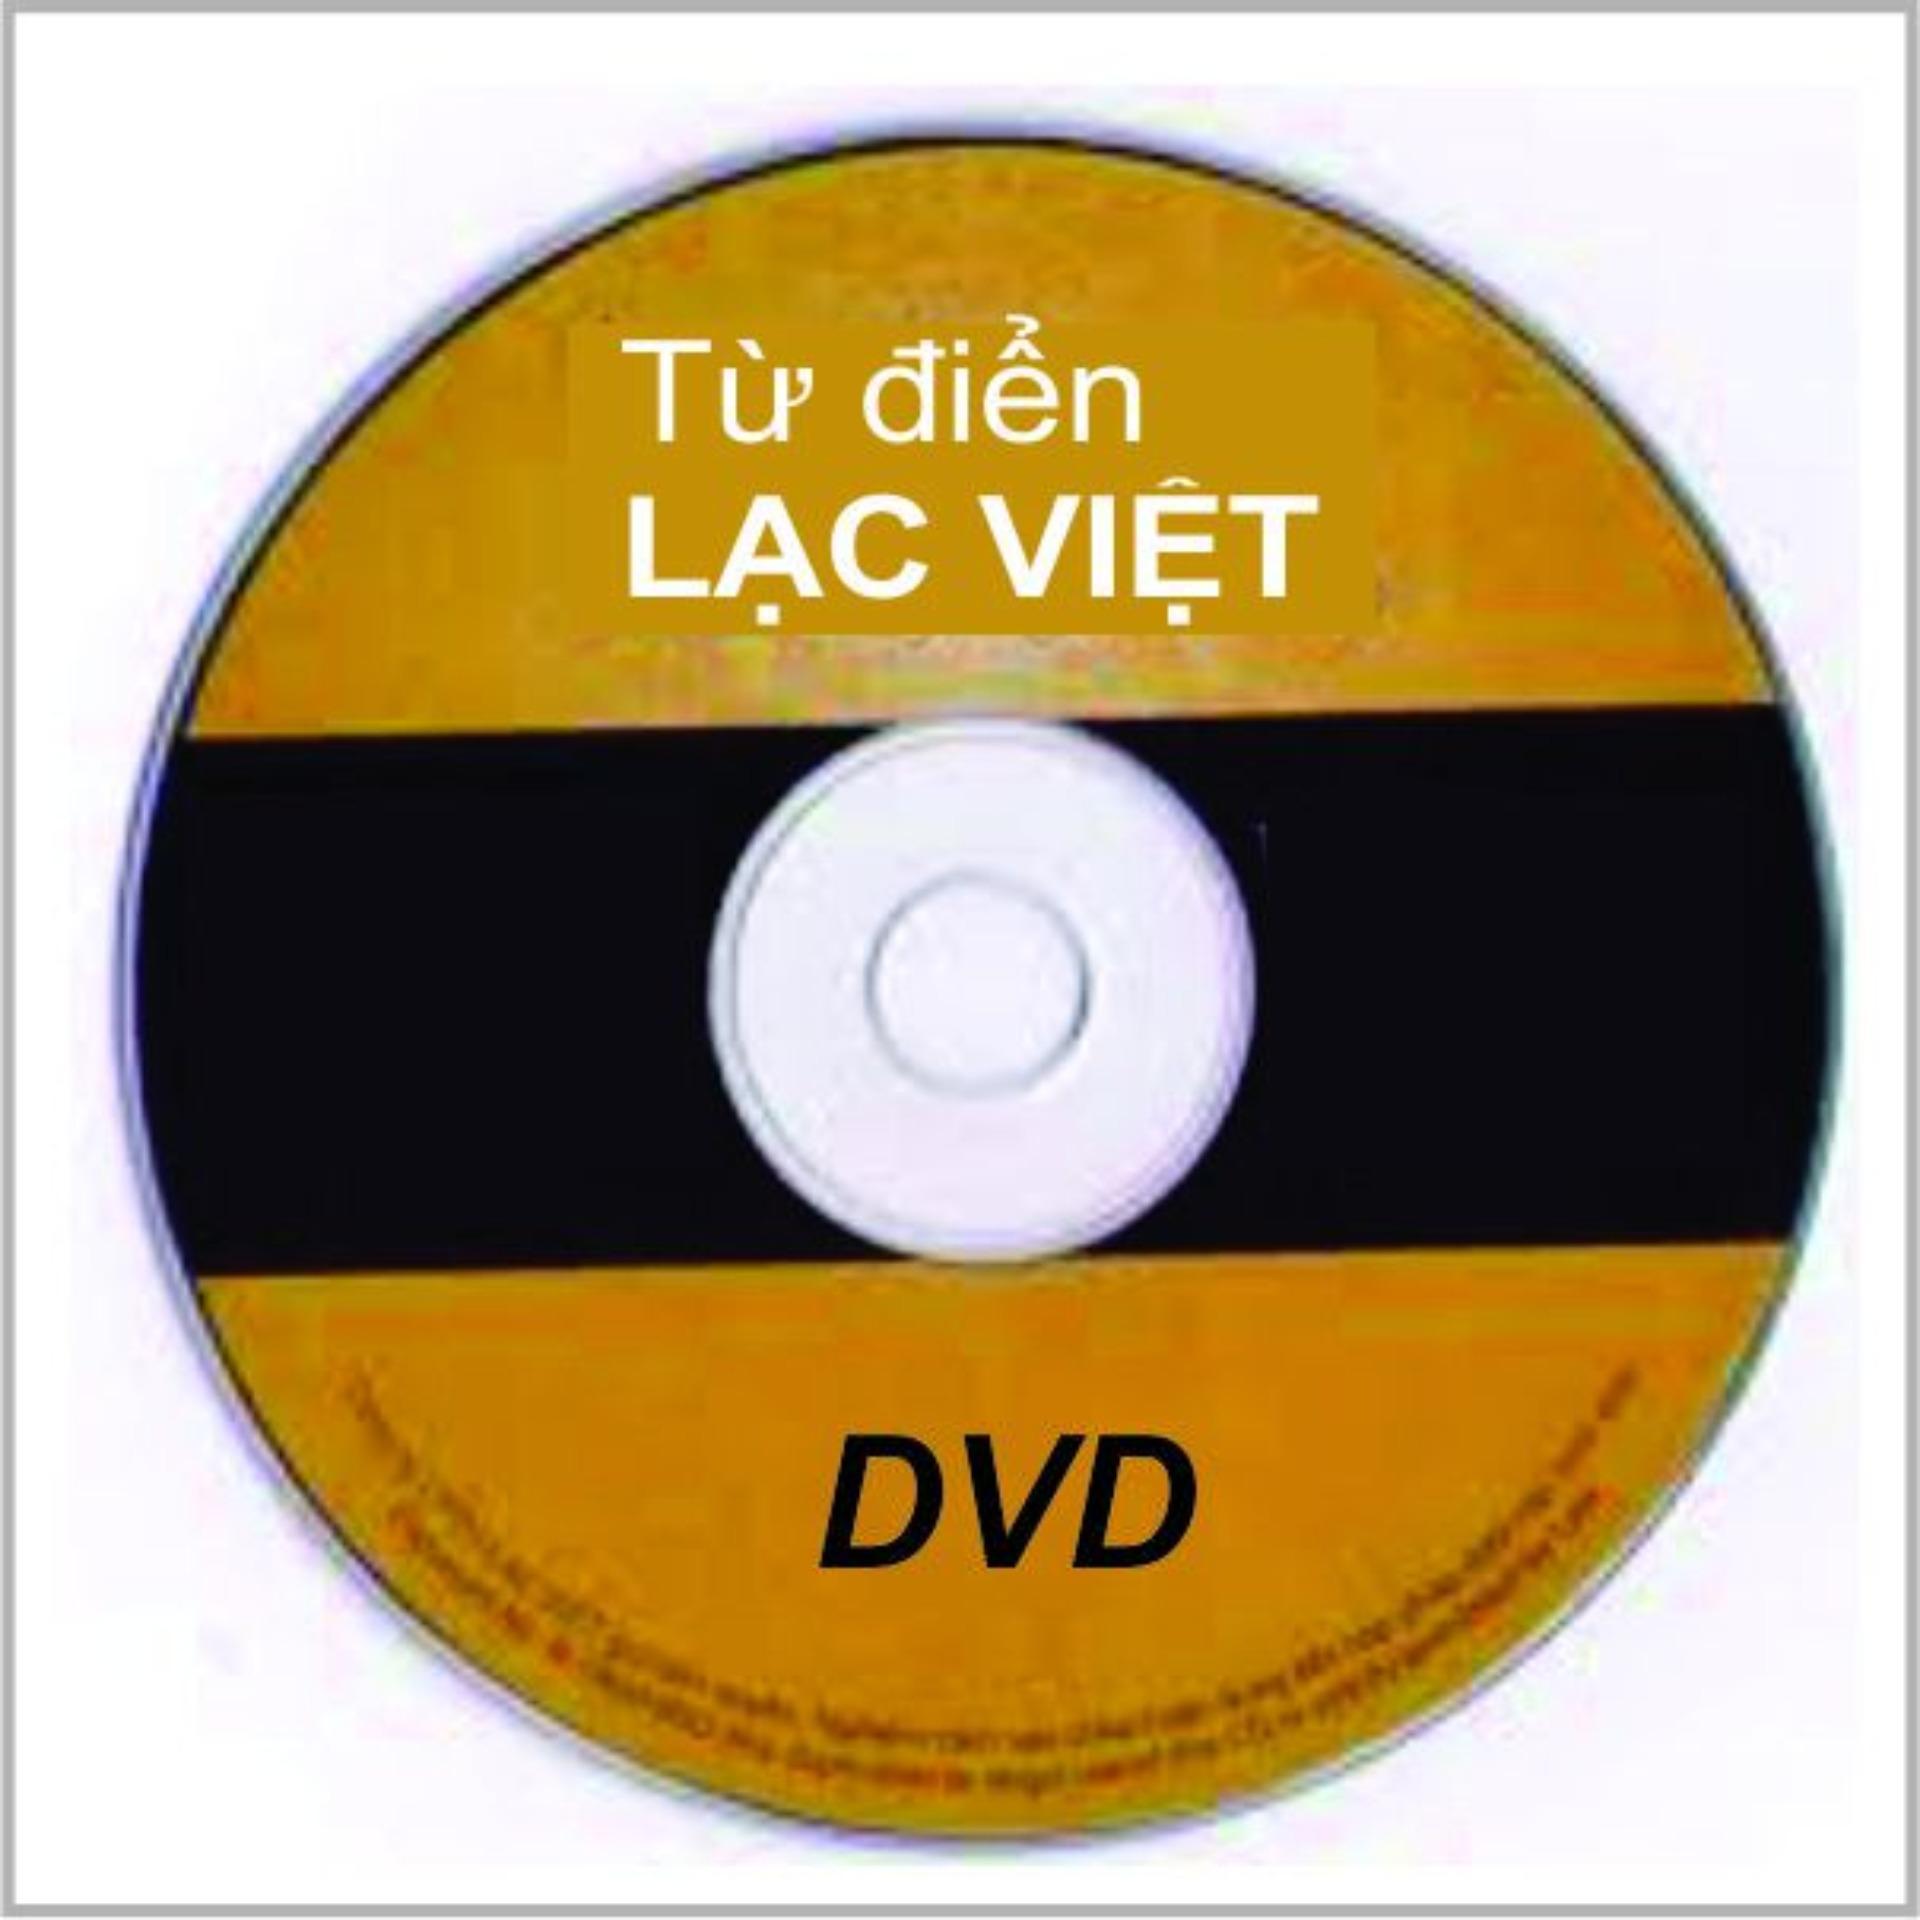 Hình ảnh Từ điển Lạc Việt